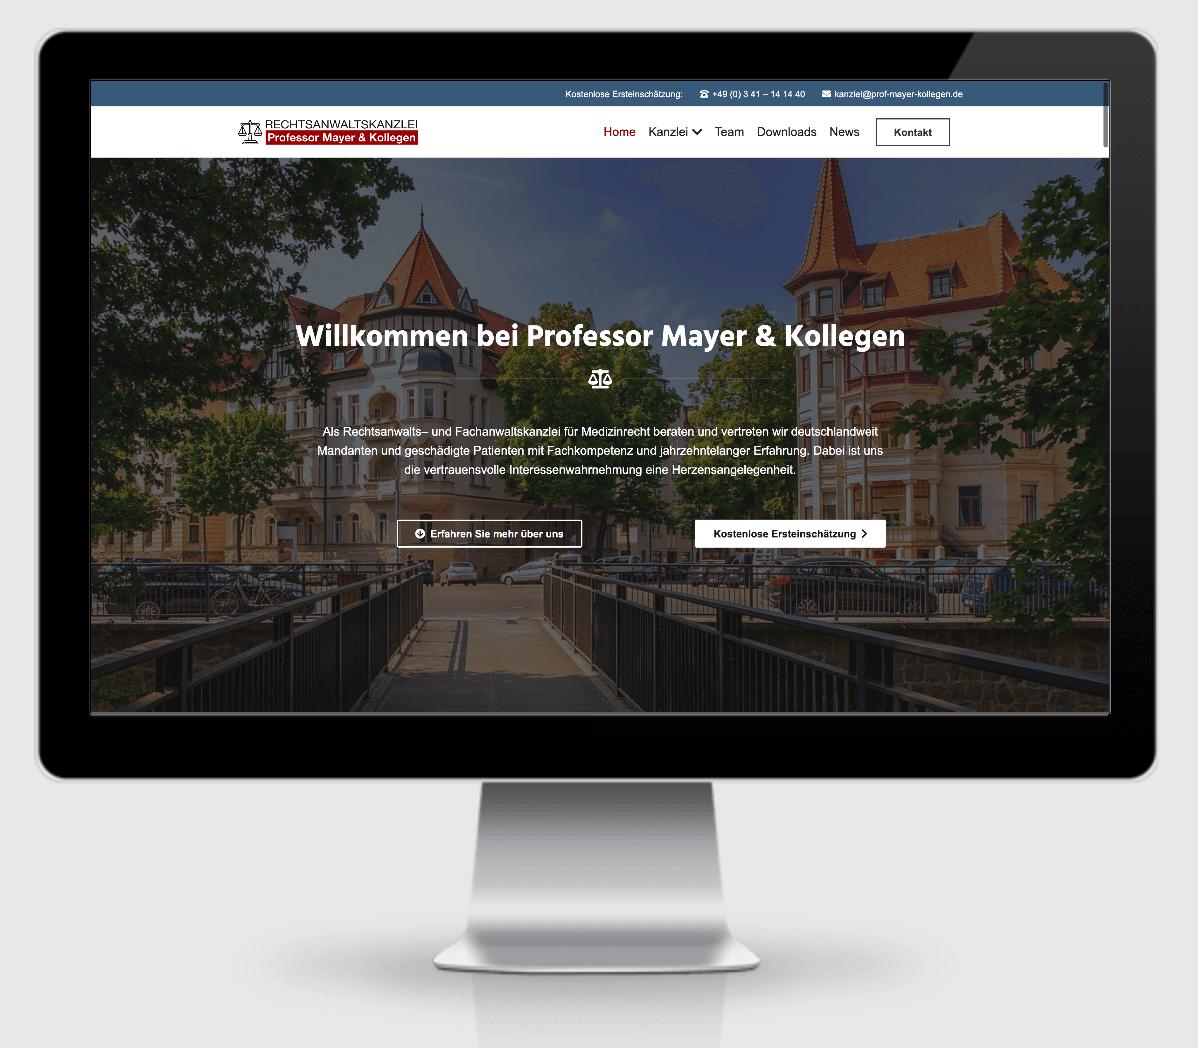 Rechtsanwaltskanzlei Professor Mayer und Kollegen - Die Startseite